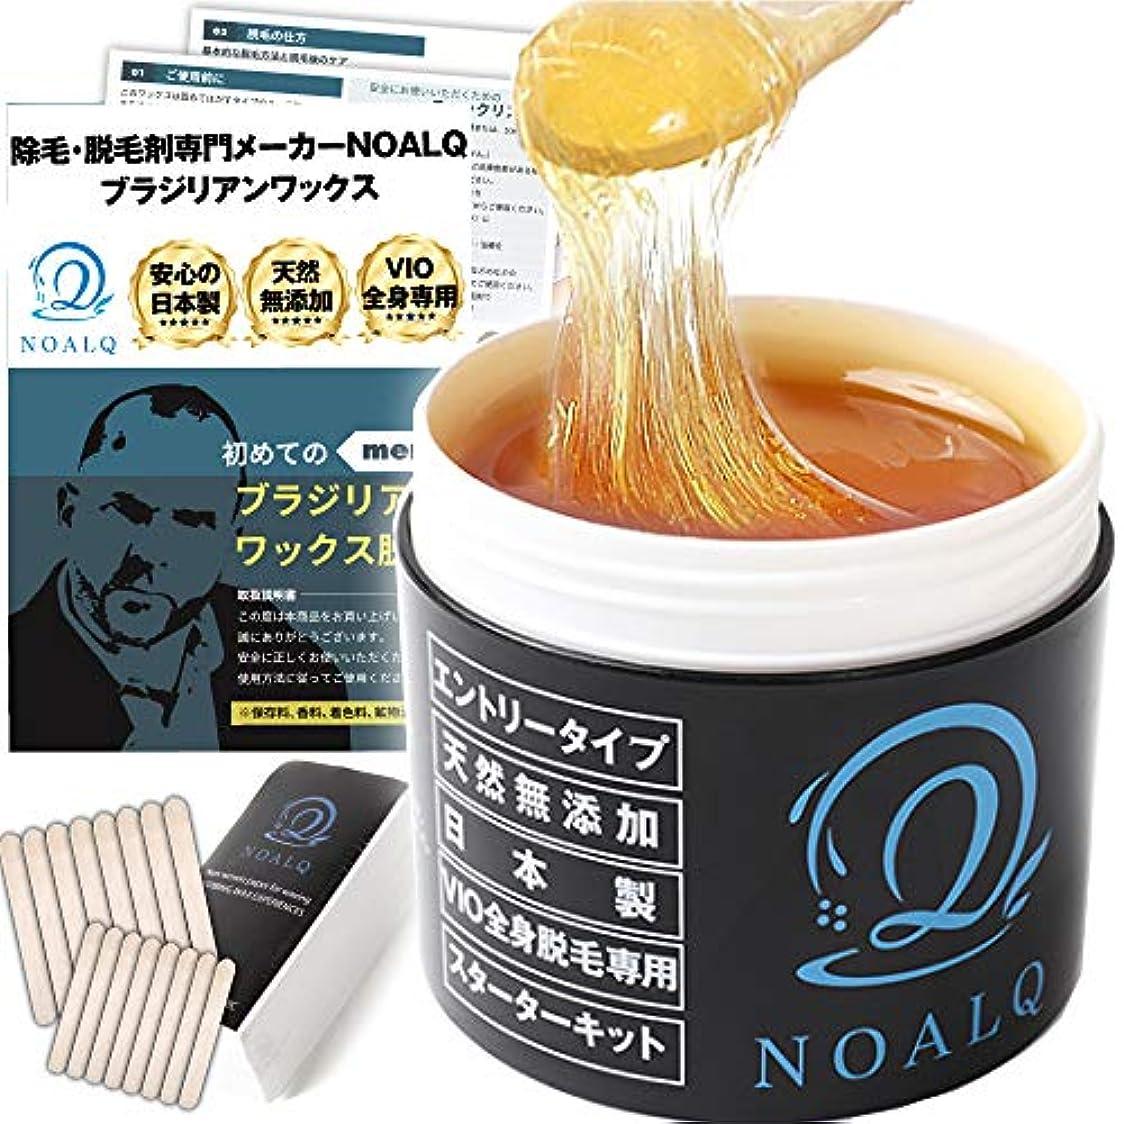 お気に入り埋め込む一回NOALQ(ノアルク) ブラジリアンワックス エントリータイプ 天然無添加素材 純国産100% VIO 全身脱毛専用 スターターキット